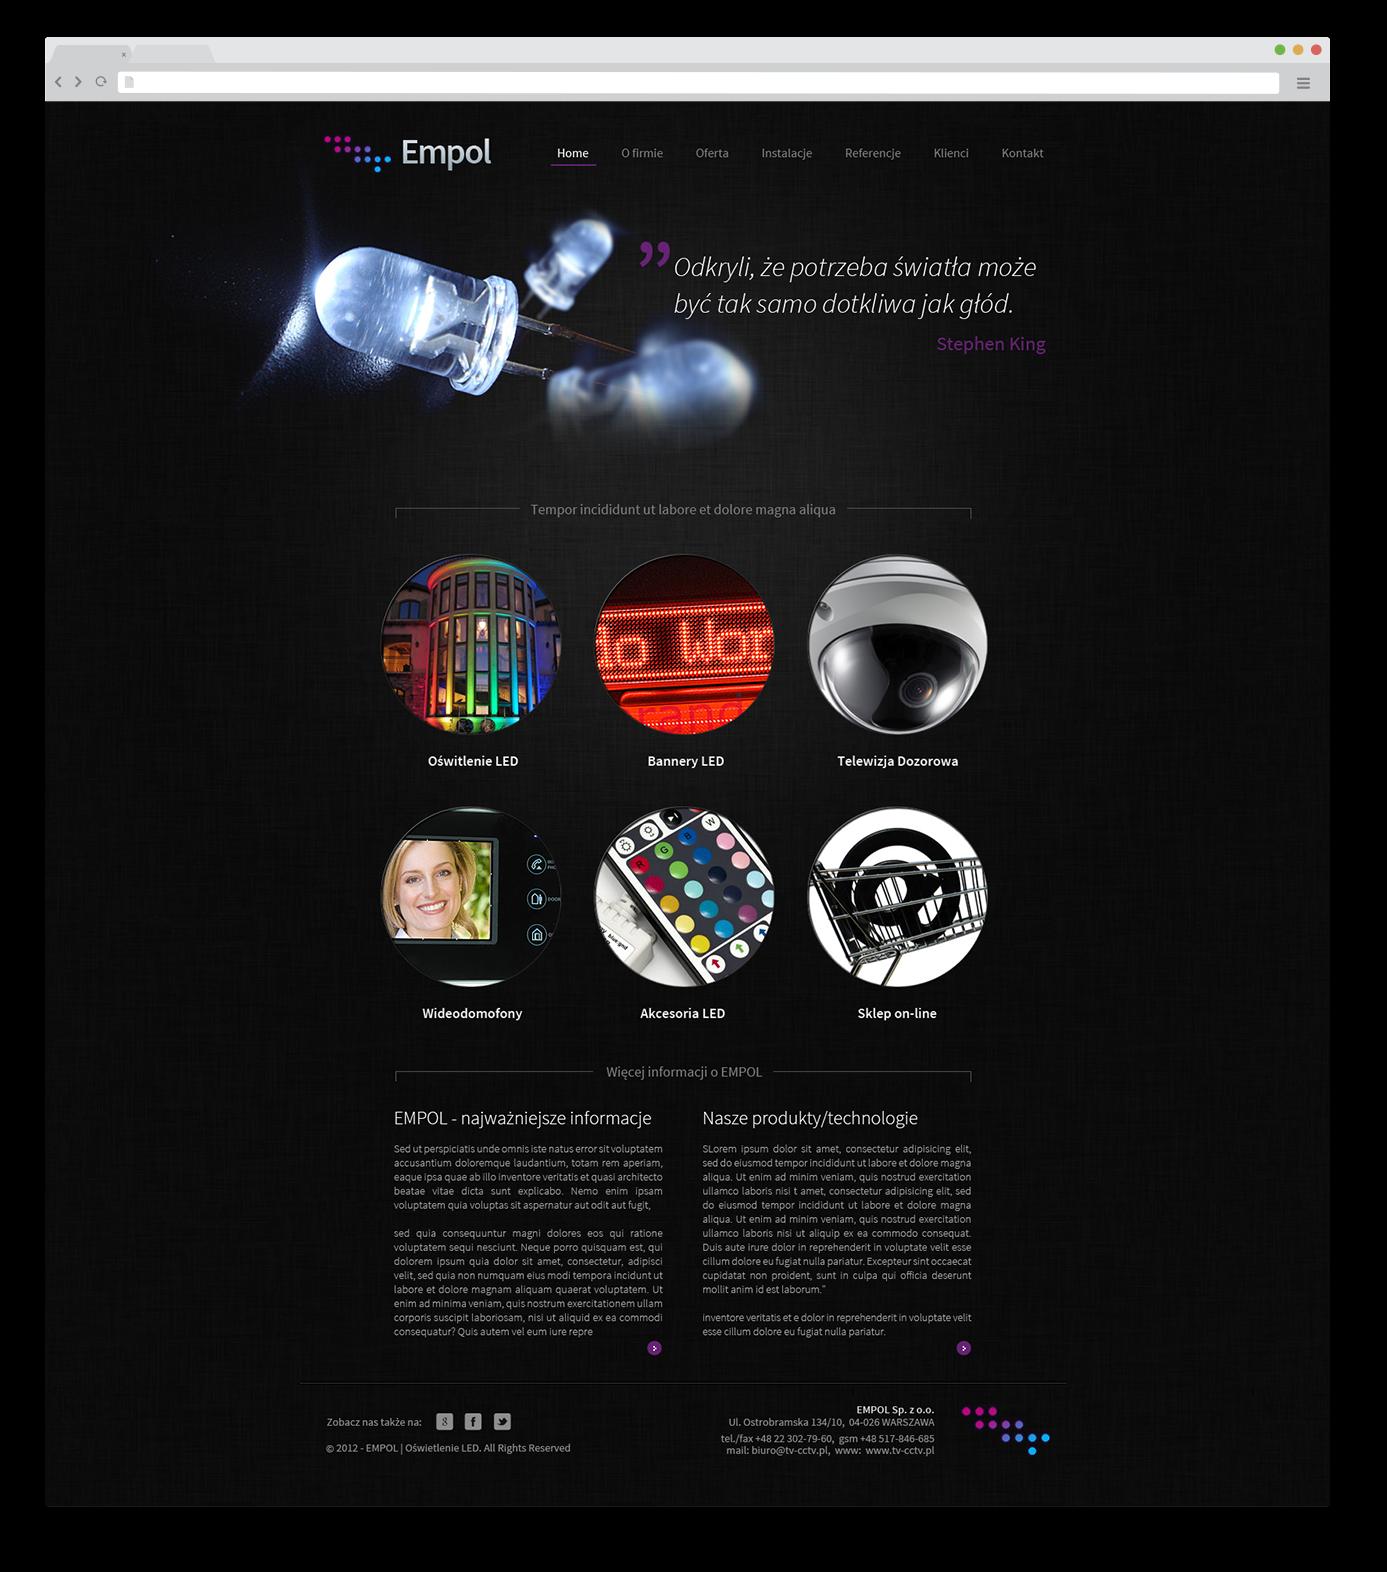 Portfolio BlueSky System: Empol - FULL